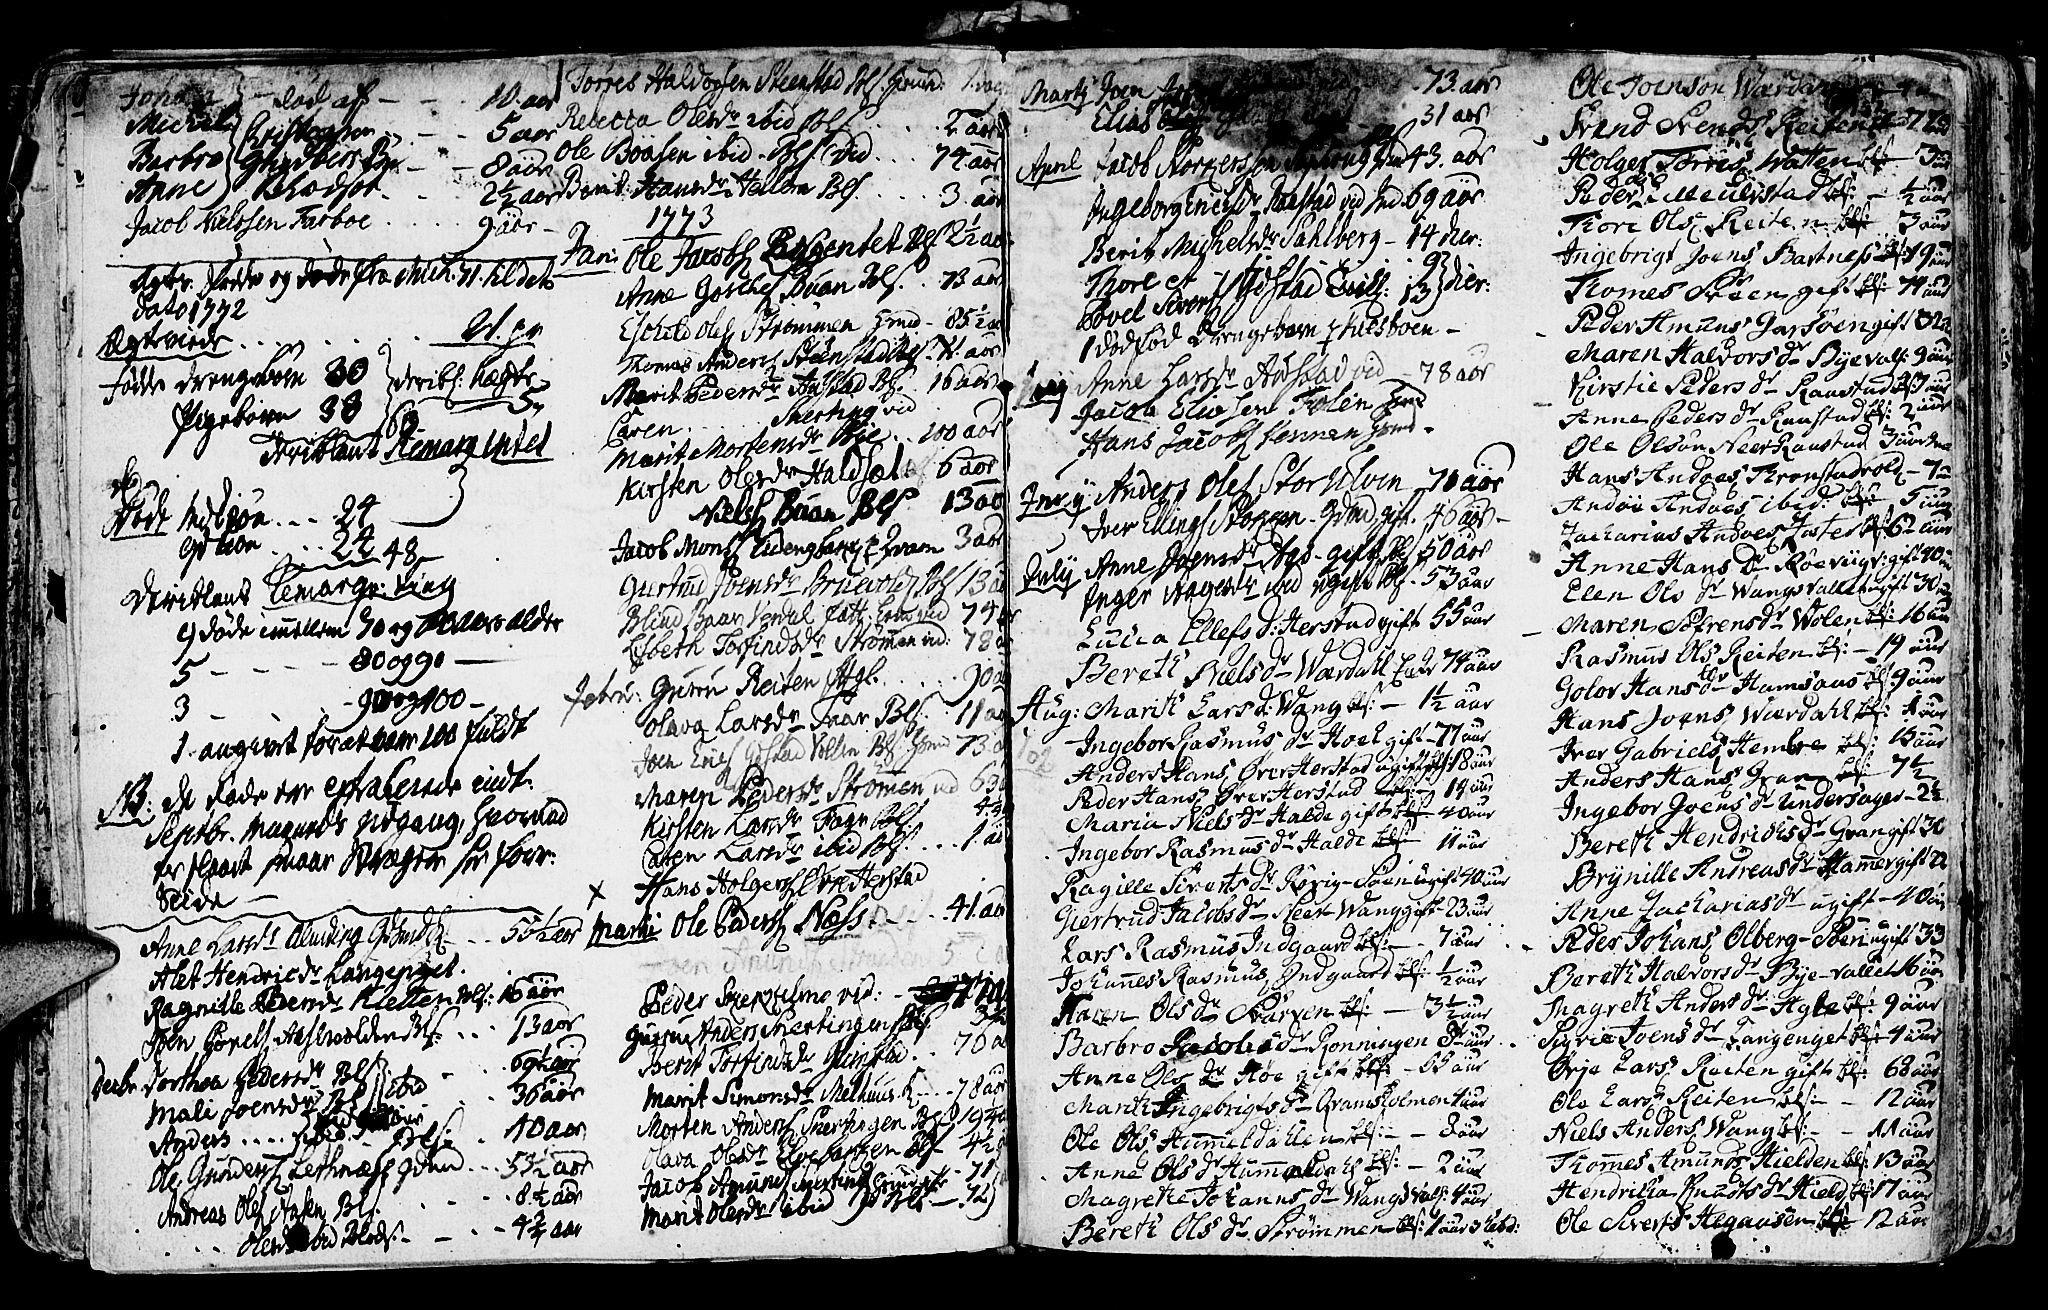 SAT, Ministerialprotokoller, klokkerbøker og fødselsregistre - Nord-Trøndelag, 730/L0273: Ministerialbok nr. 730A02, 1762-1802, s. 181